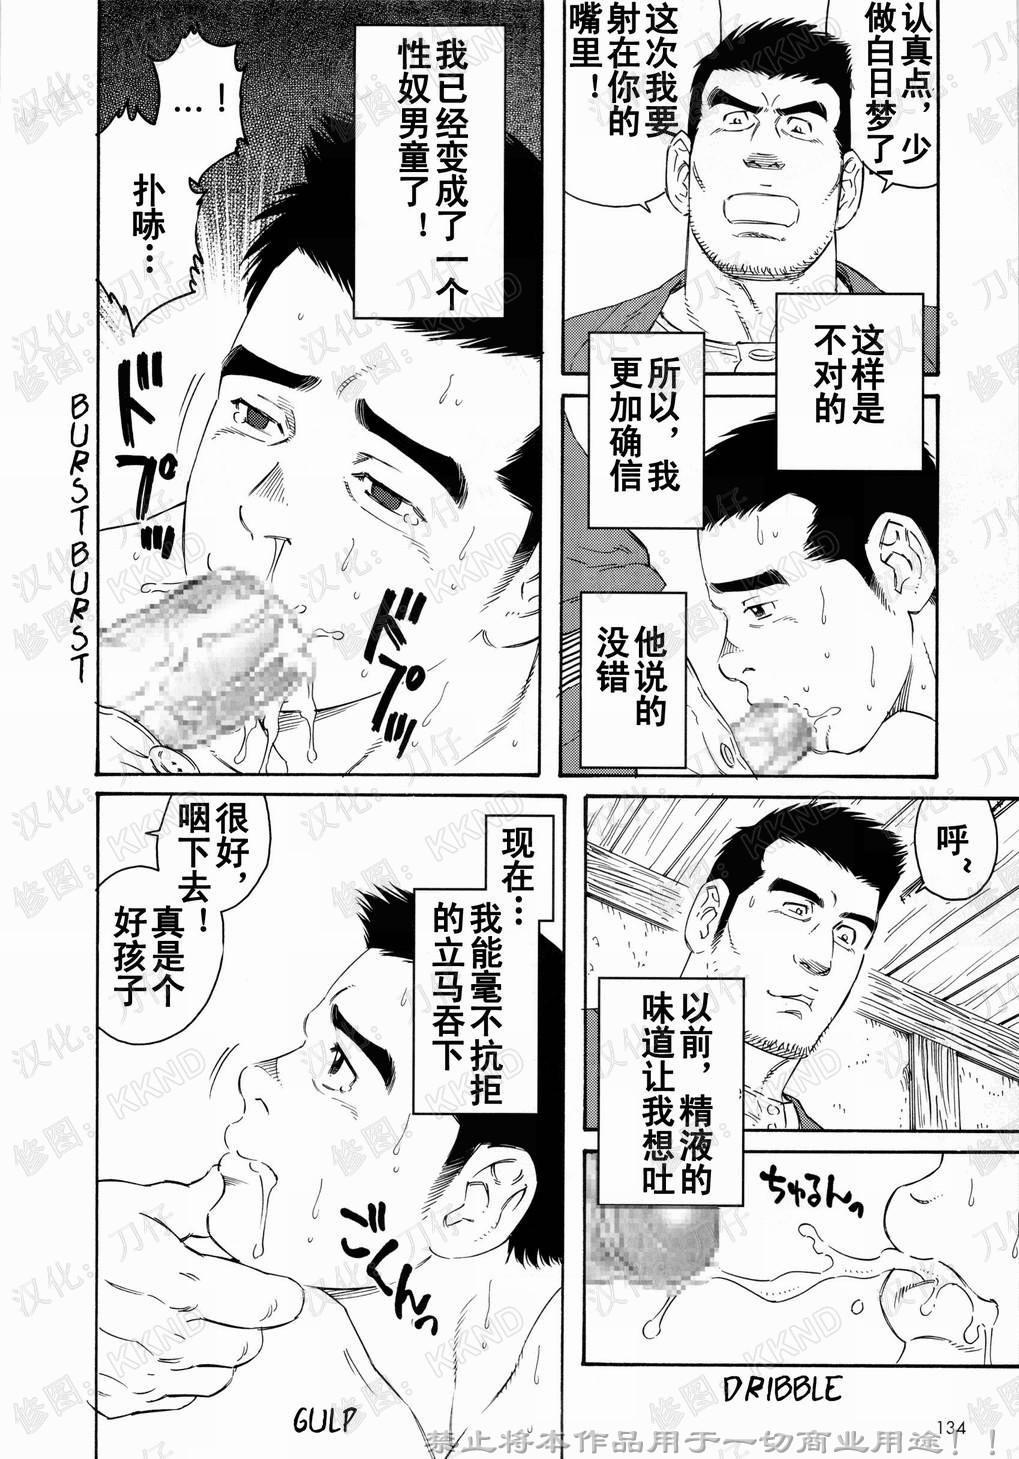 Nagamochi no Naka 35